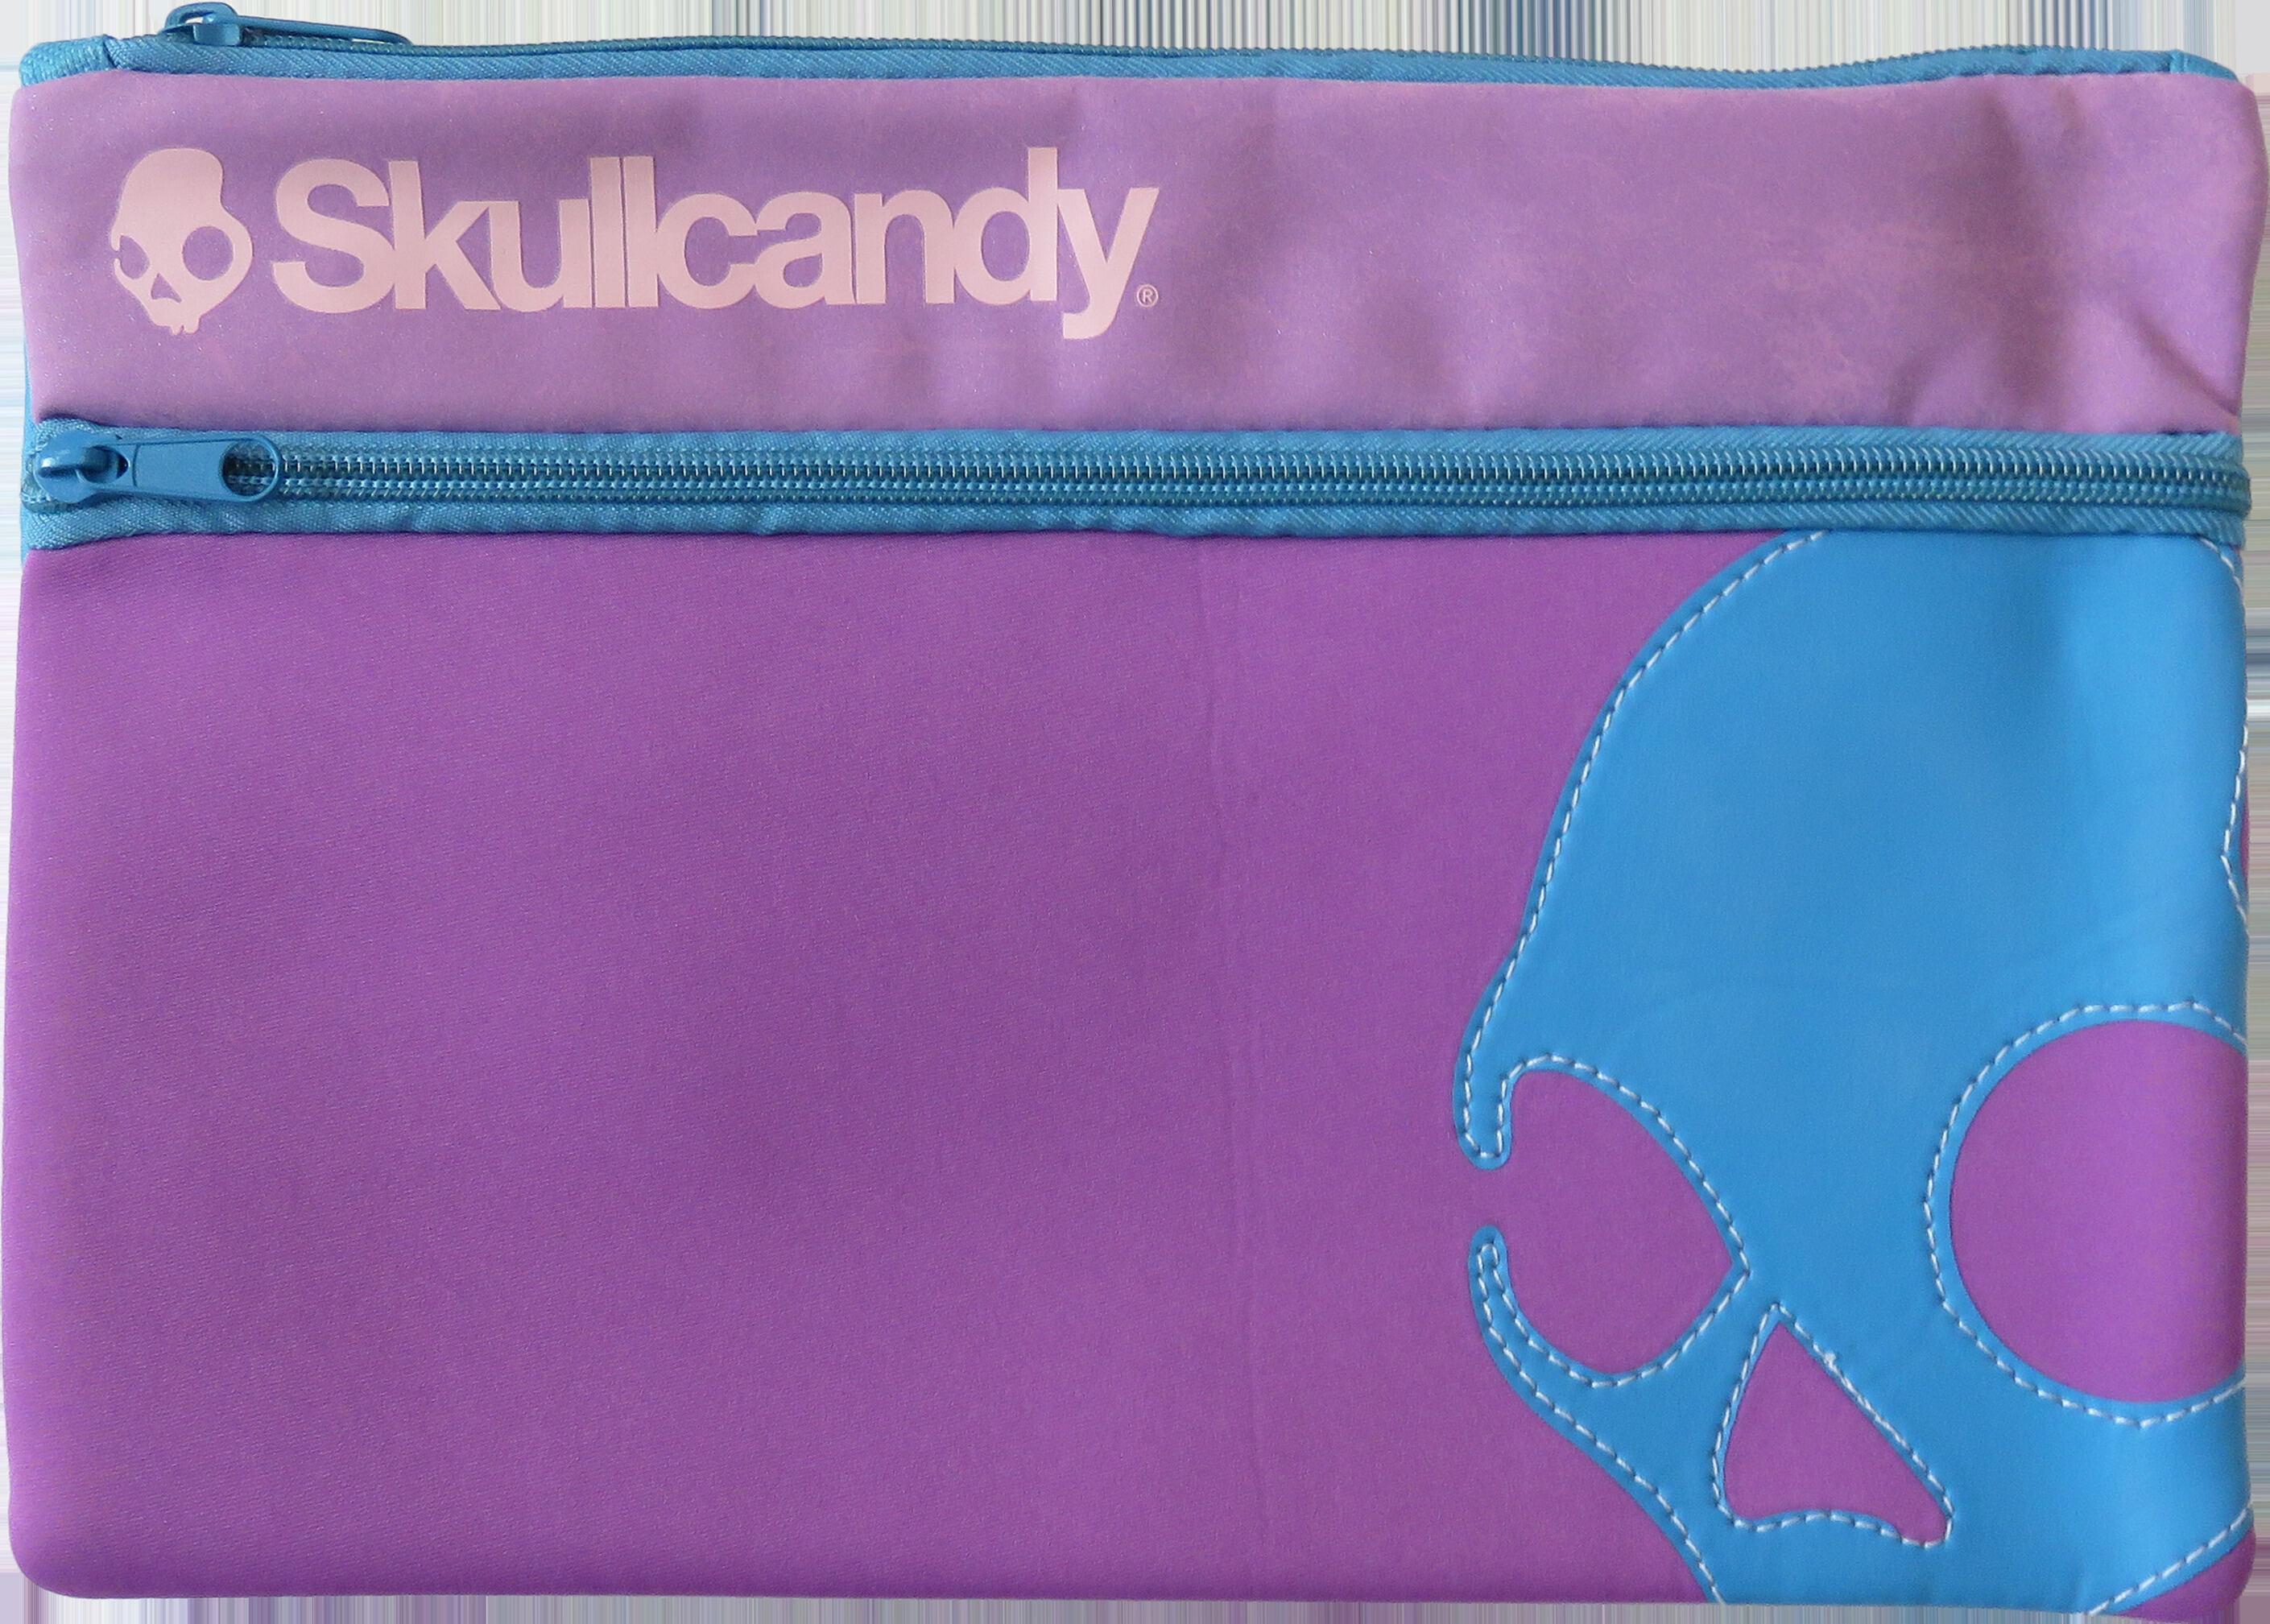 Skullcandy Girls - Double Zip Neoprene Ipad Case